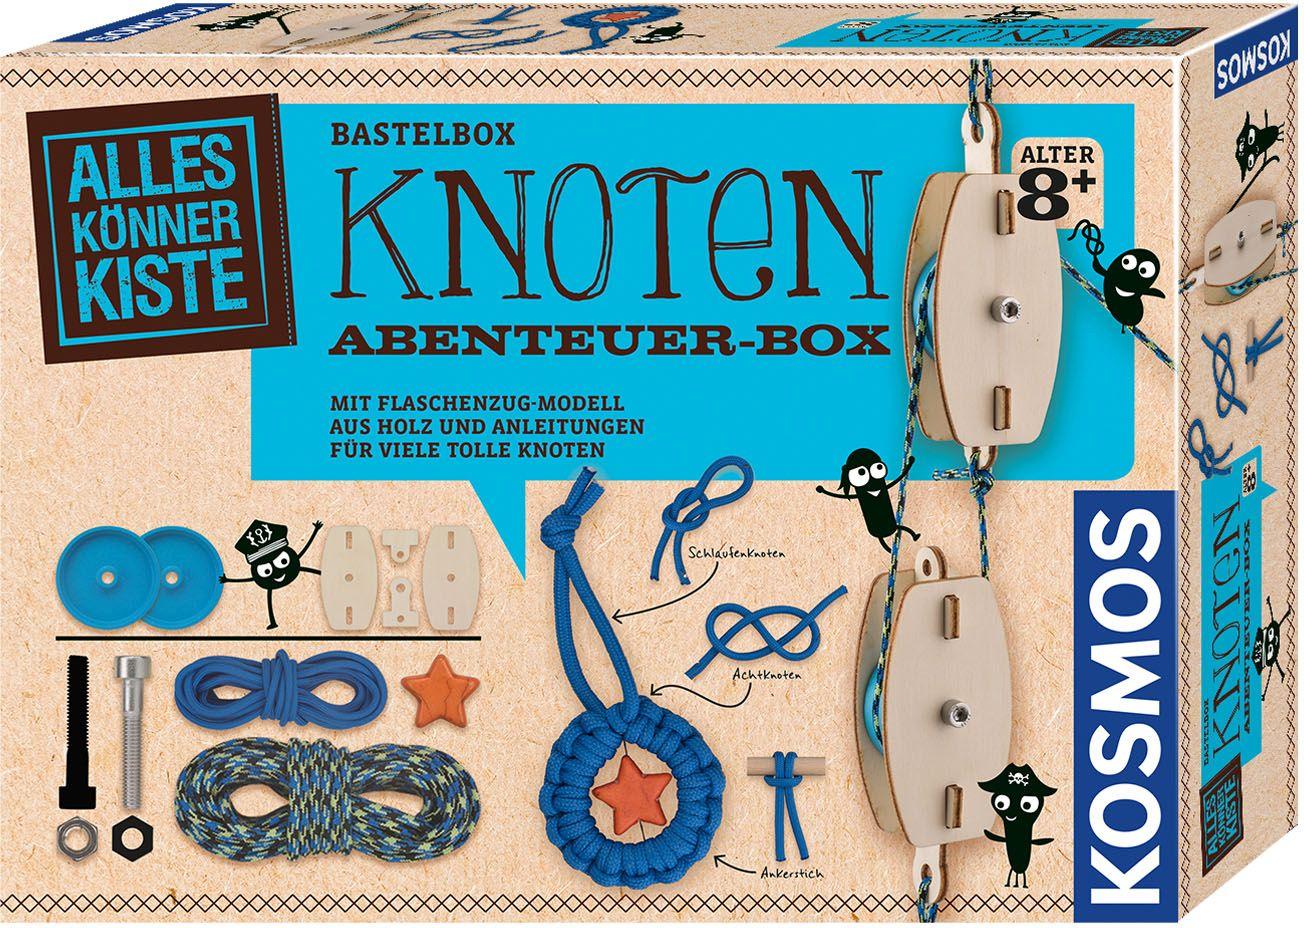 Knoten-Abenteuerbox von KOSMOS